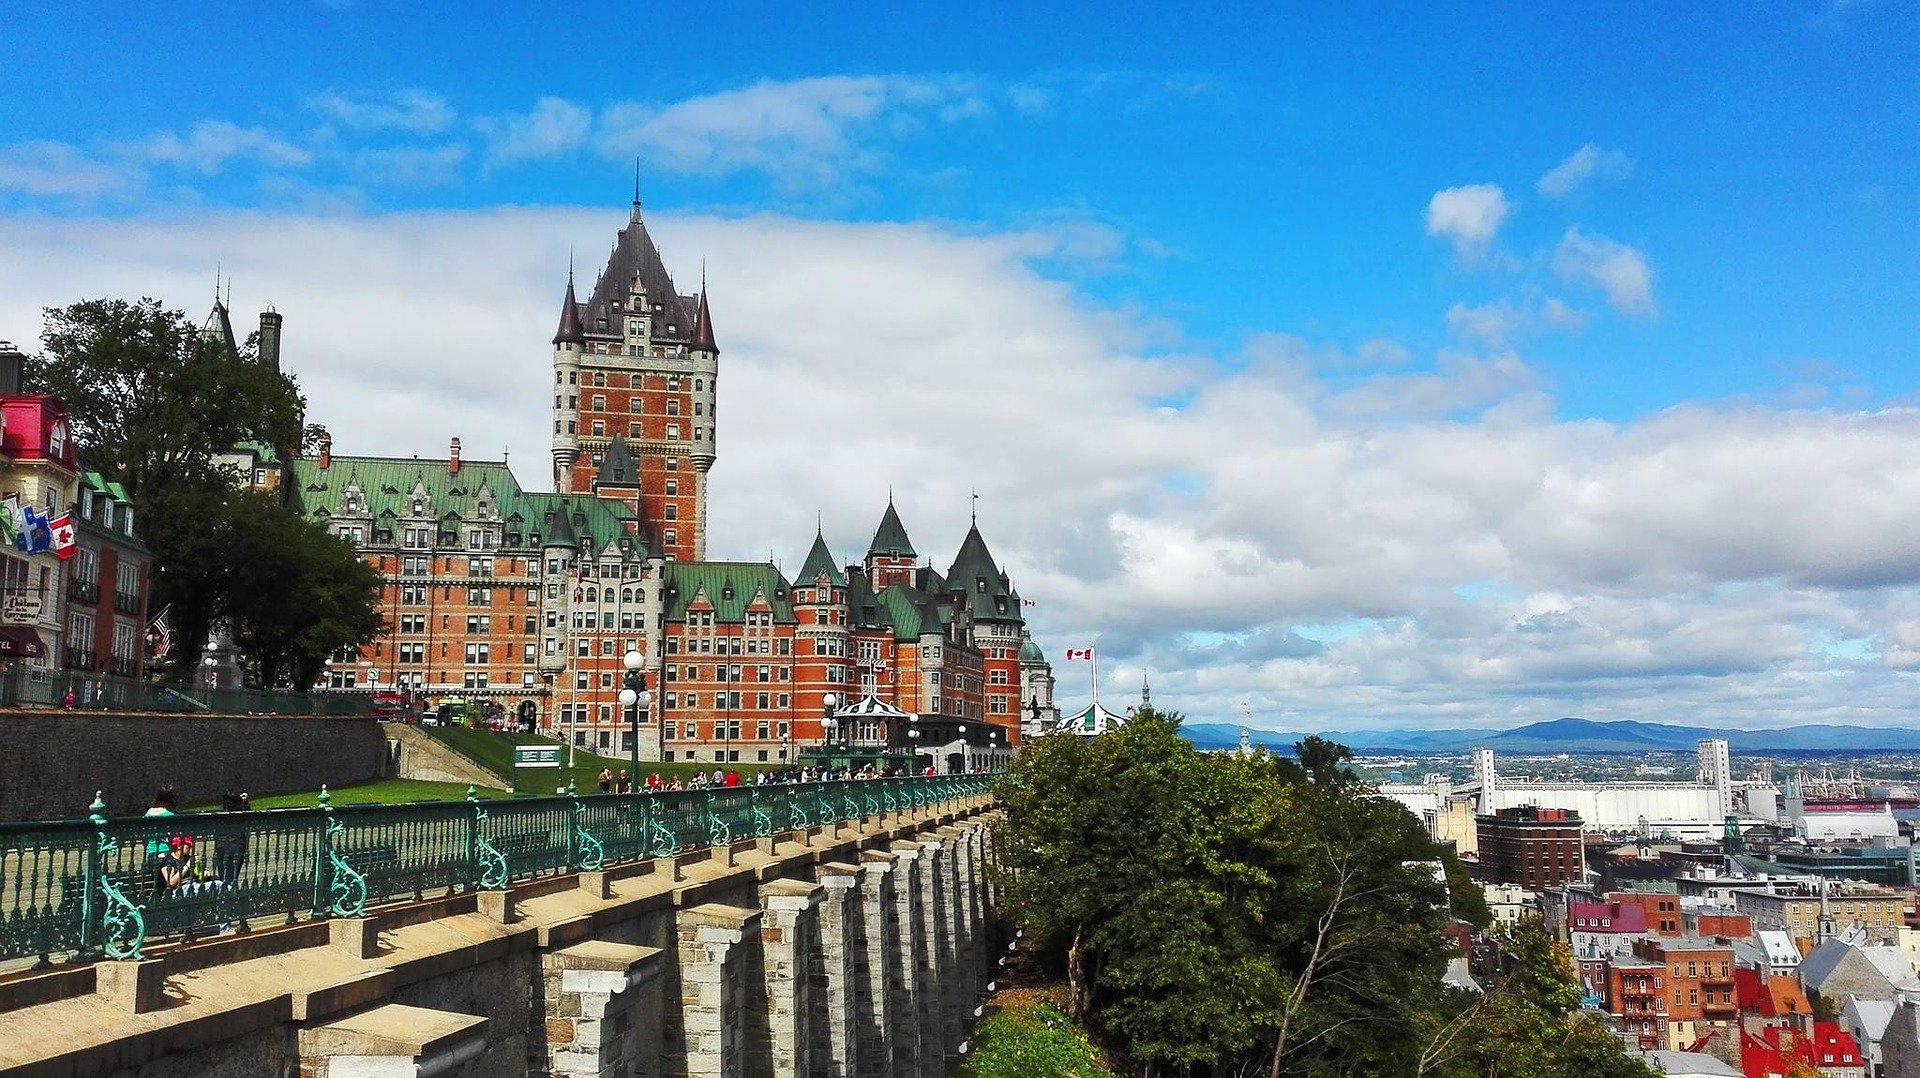 Nova Scotia und Sankt-Lorenz-Strom - Bild